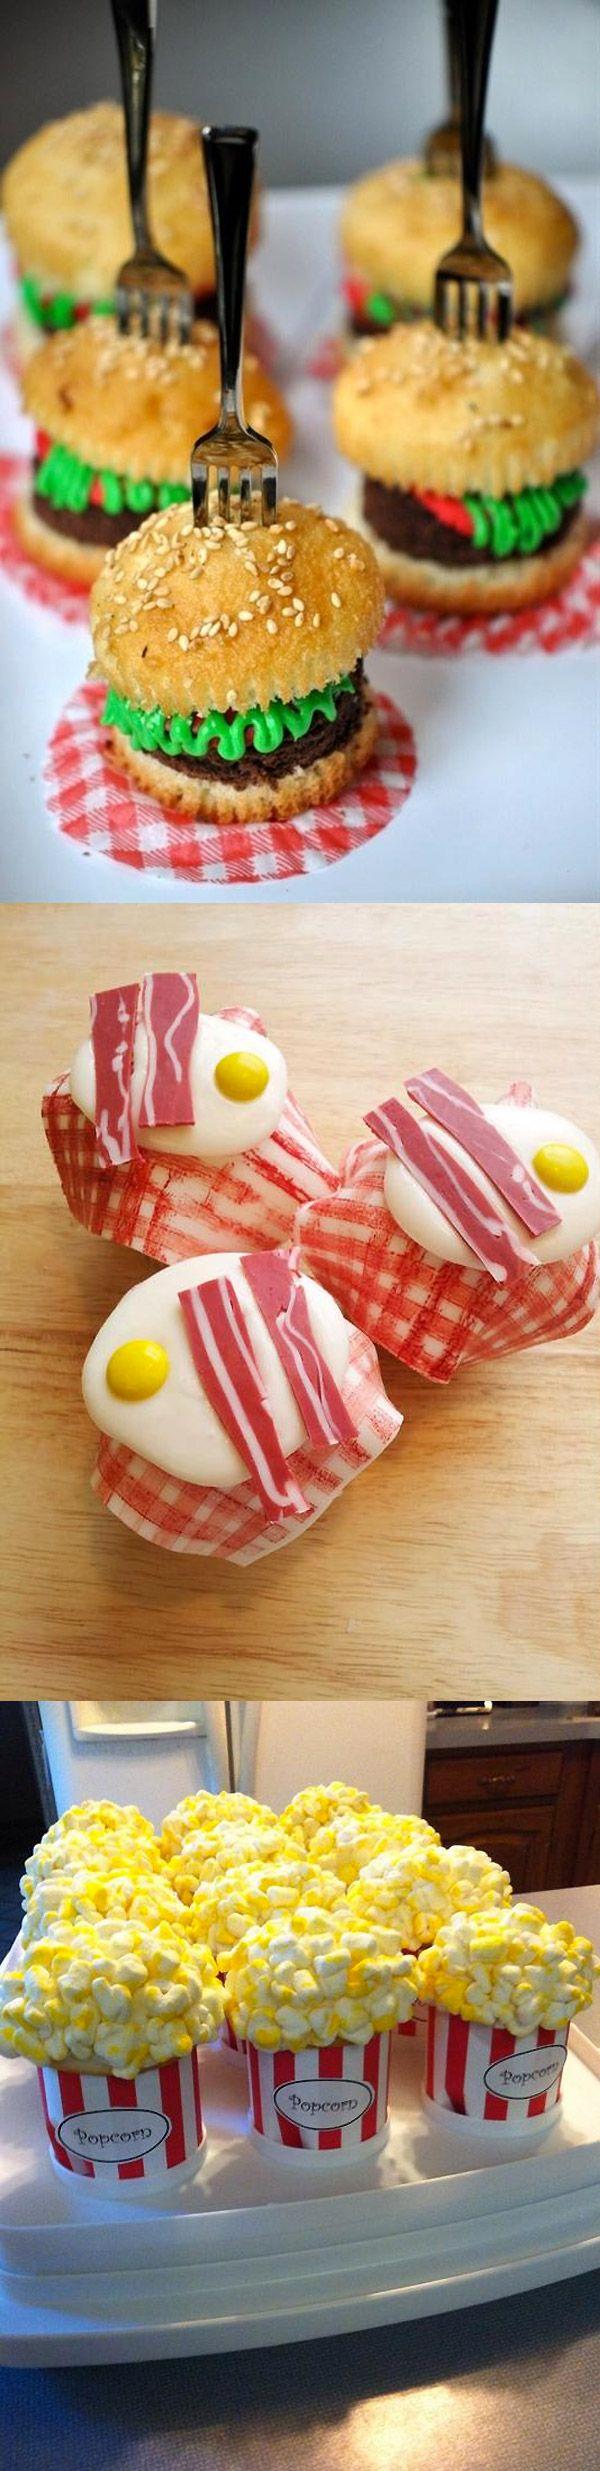 Cupcakes divertidos